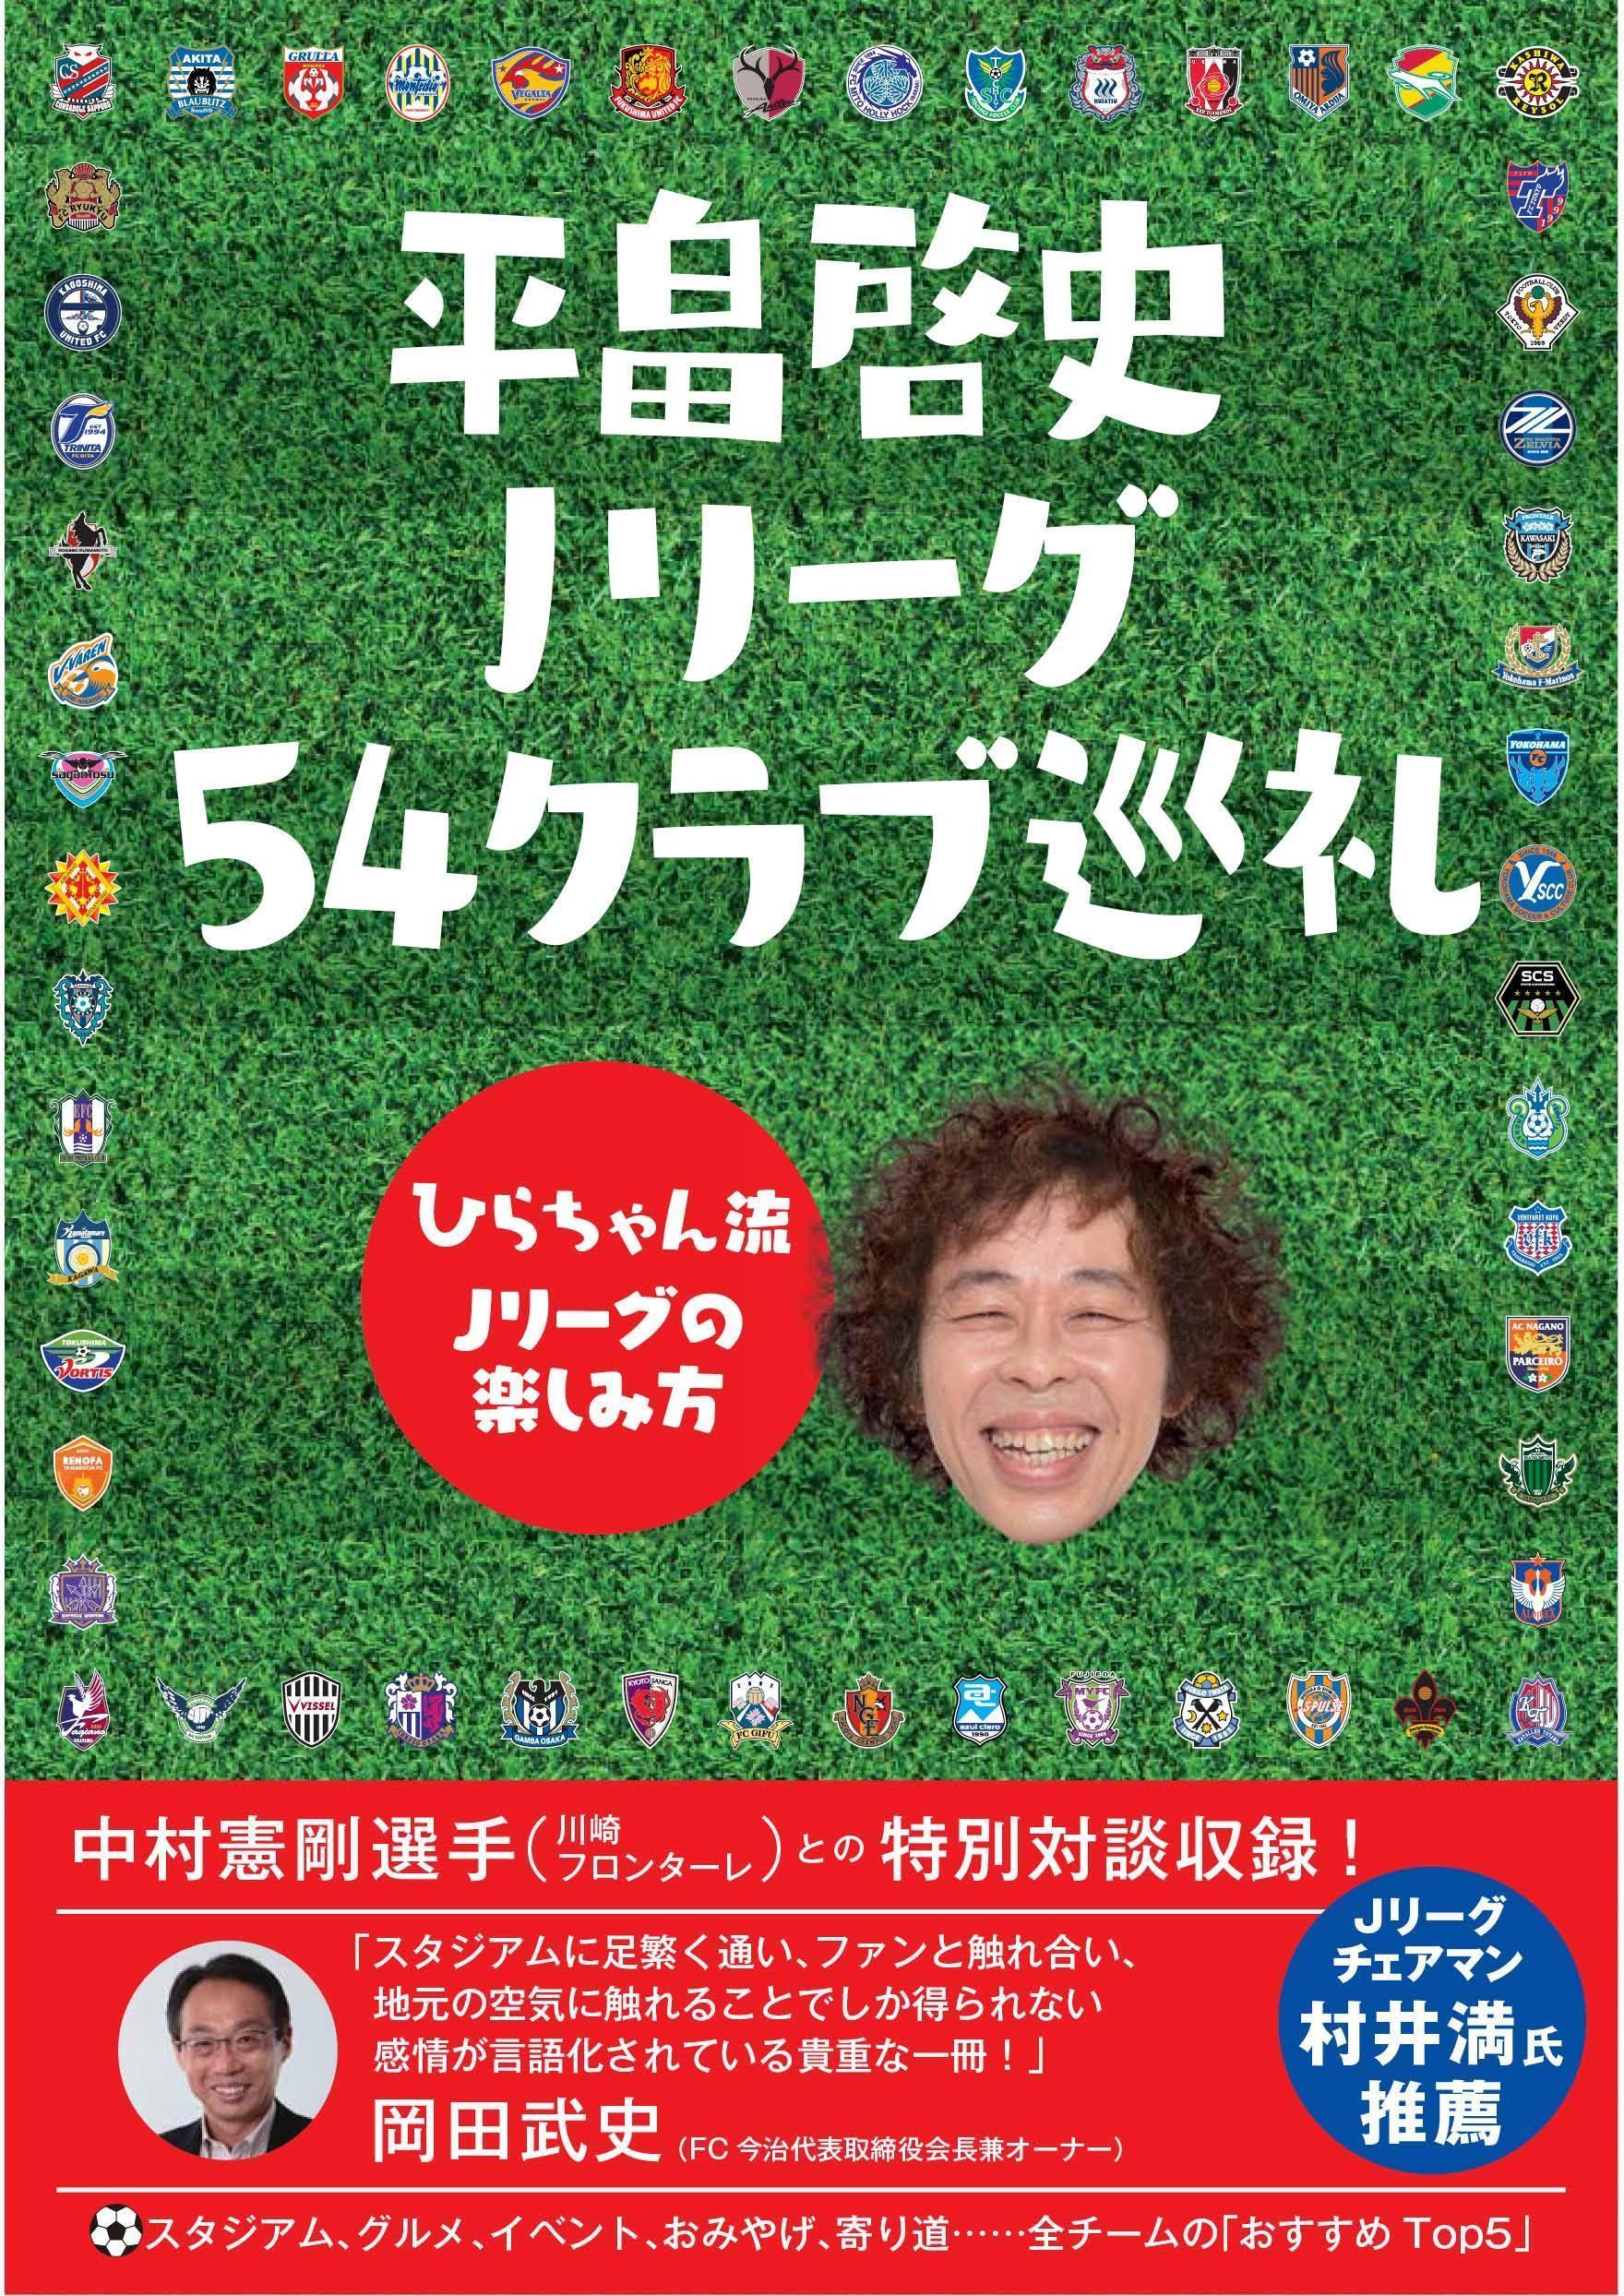 http://news.yoshimoto.co.jp/20181004200853-8bb485a5ddb3ac584881458b0a155c67136f6c33.jpg